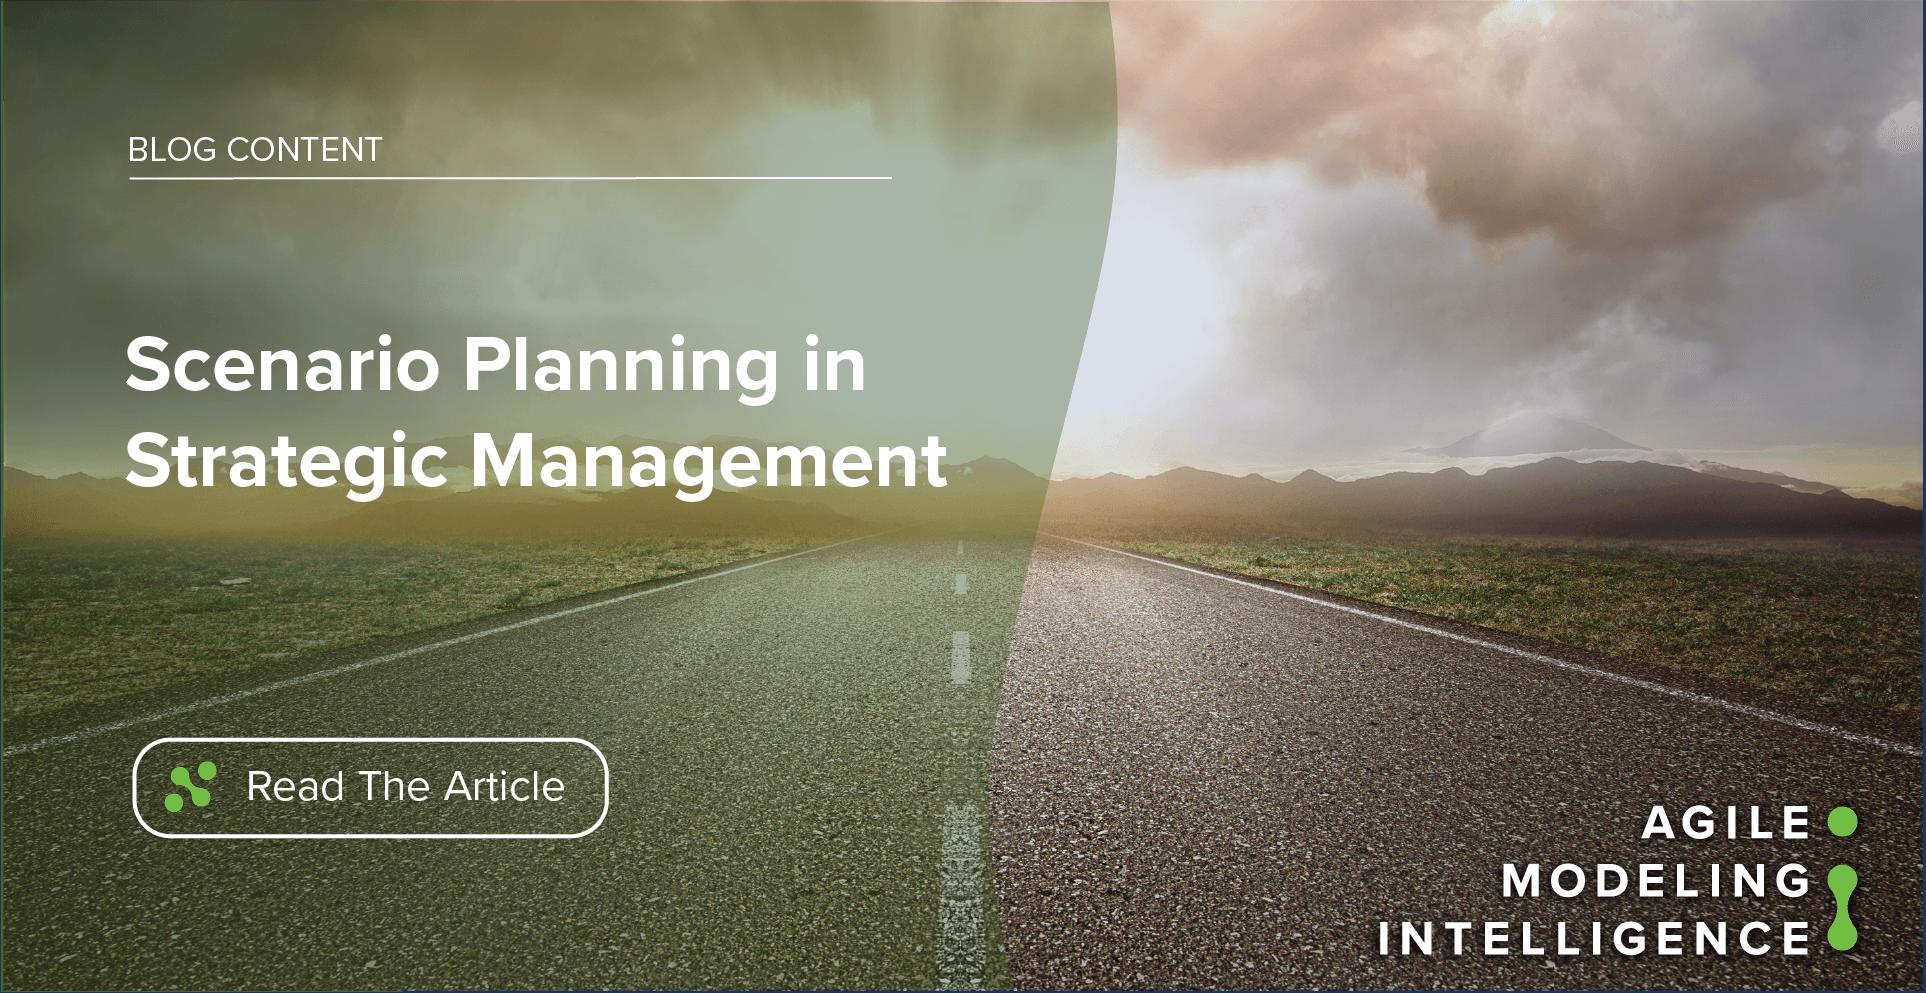 Scenario Planning in Strategic Management